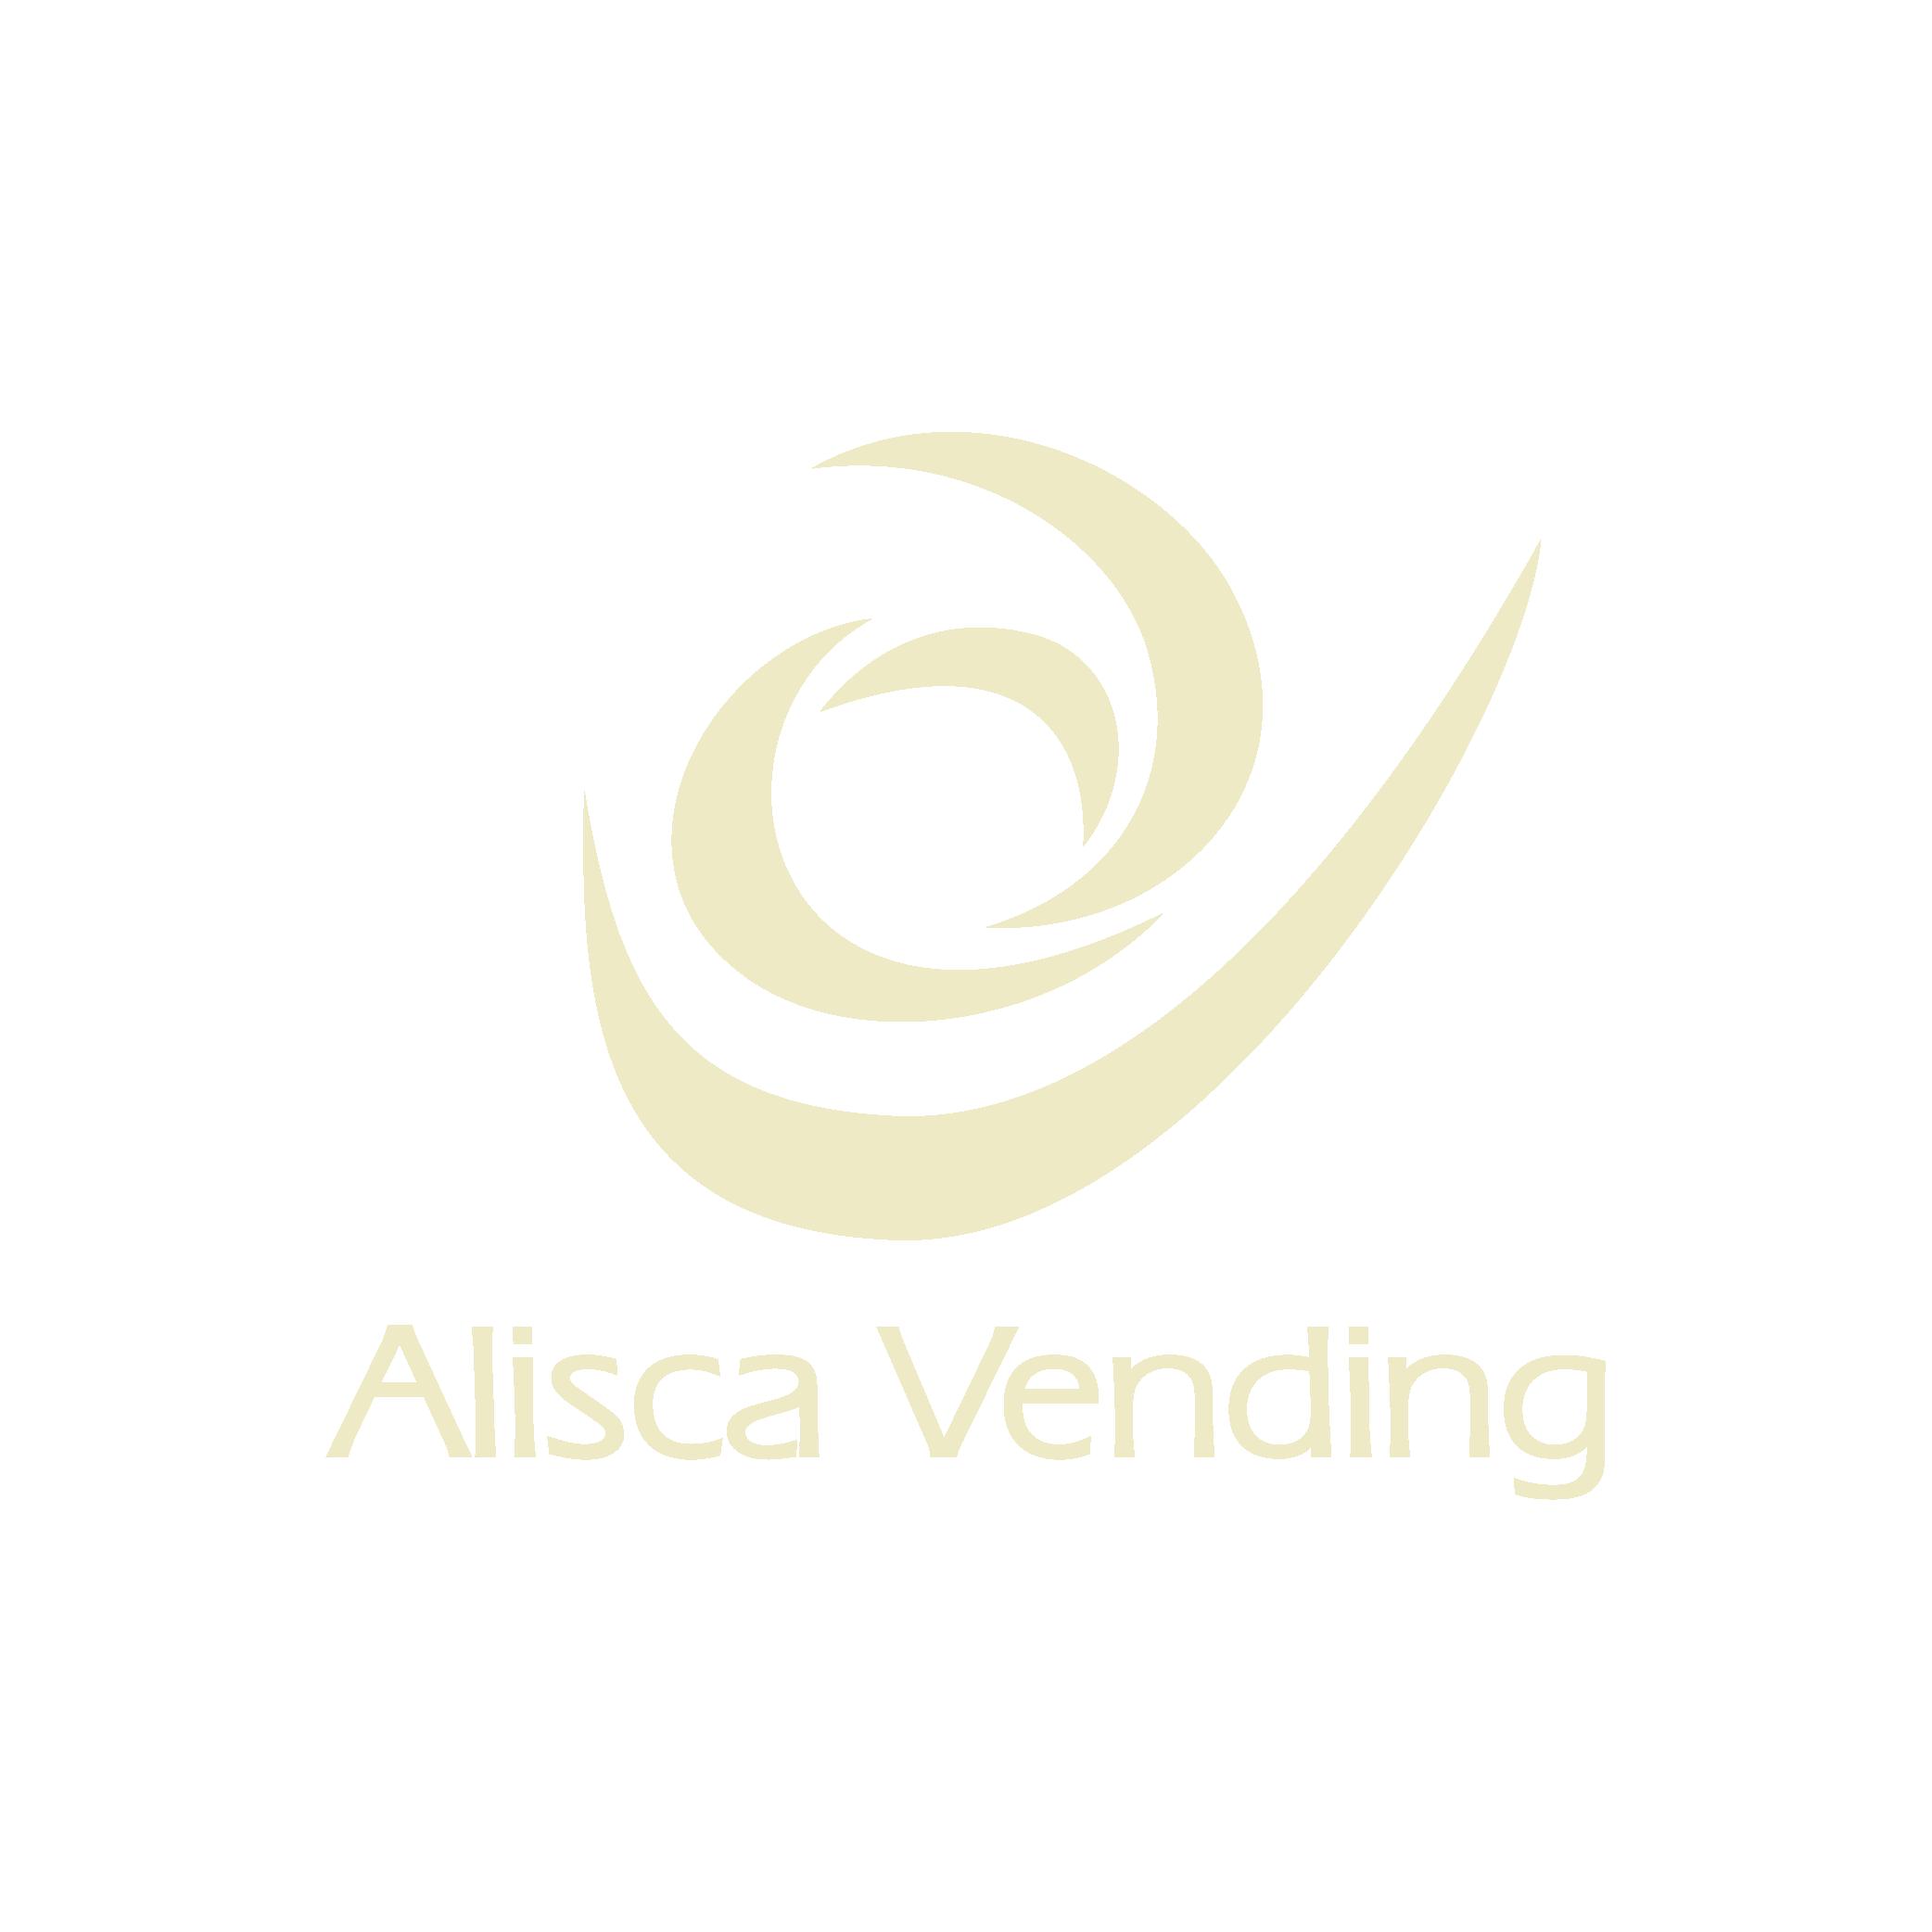 alisca